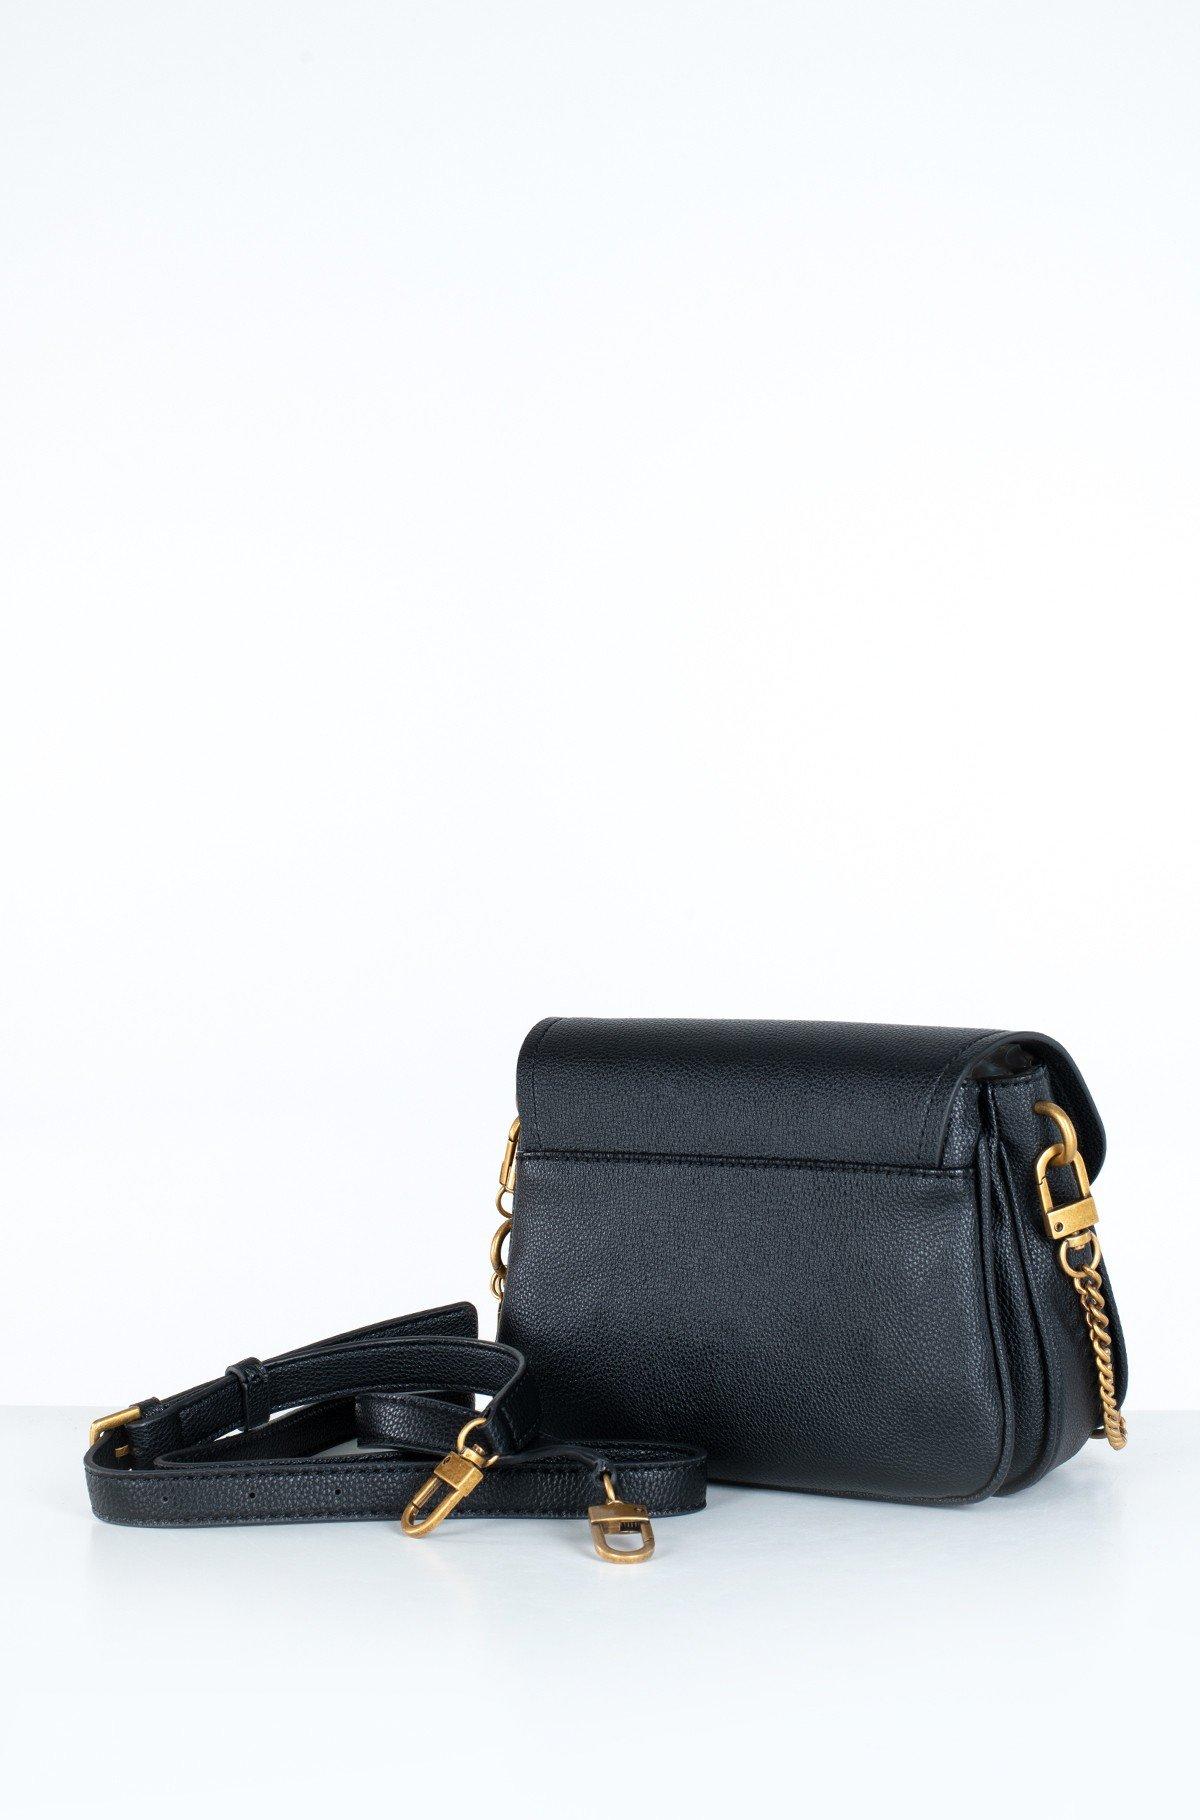 Shoulder bag HWVB78 78200-full-3